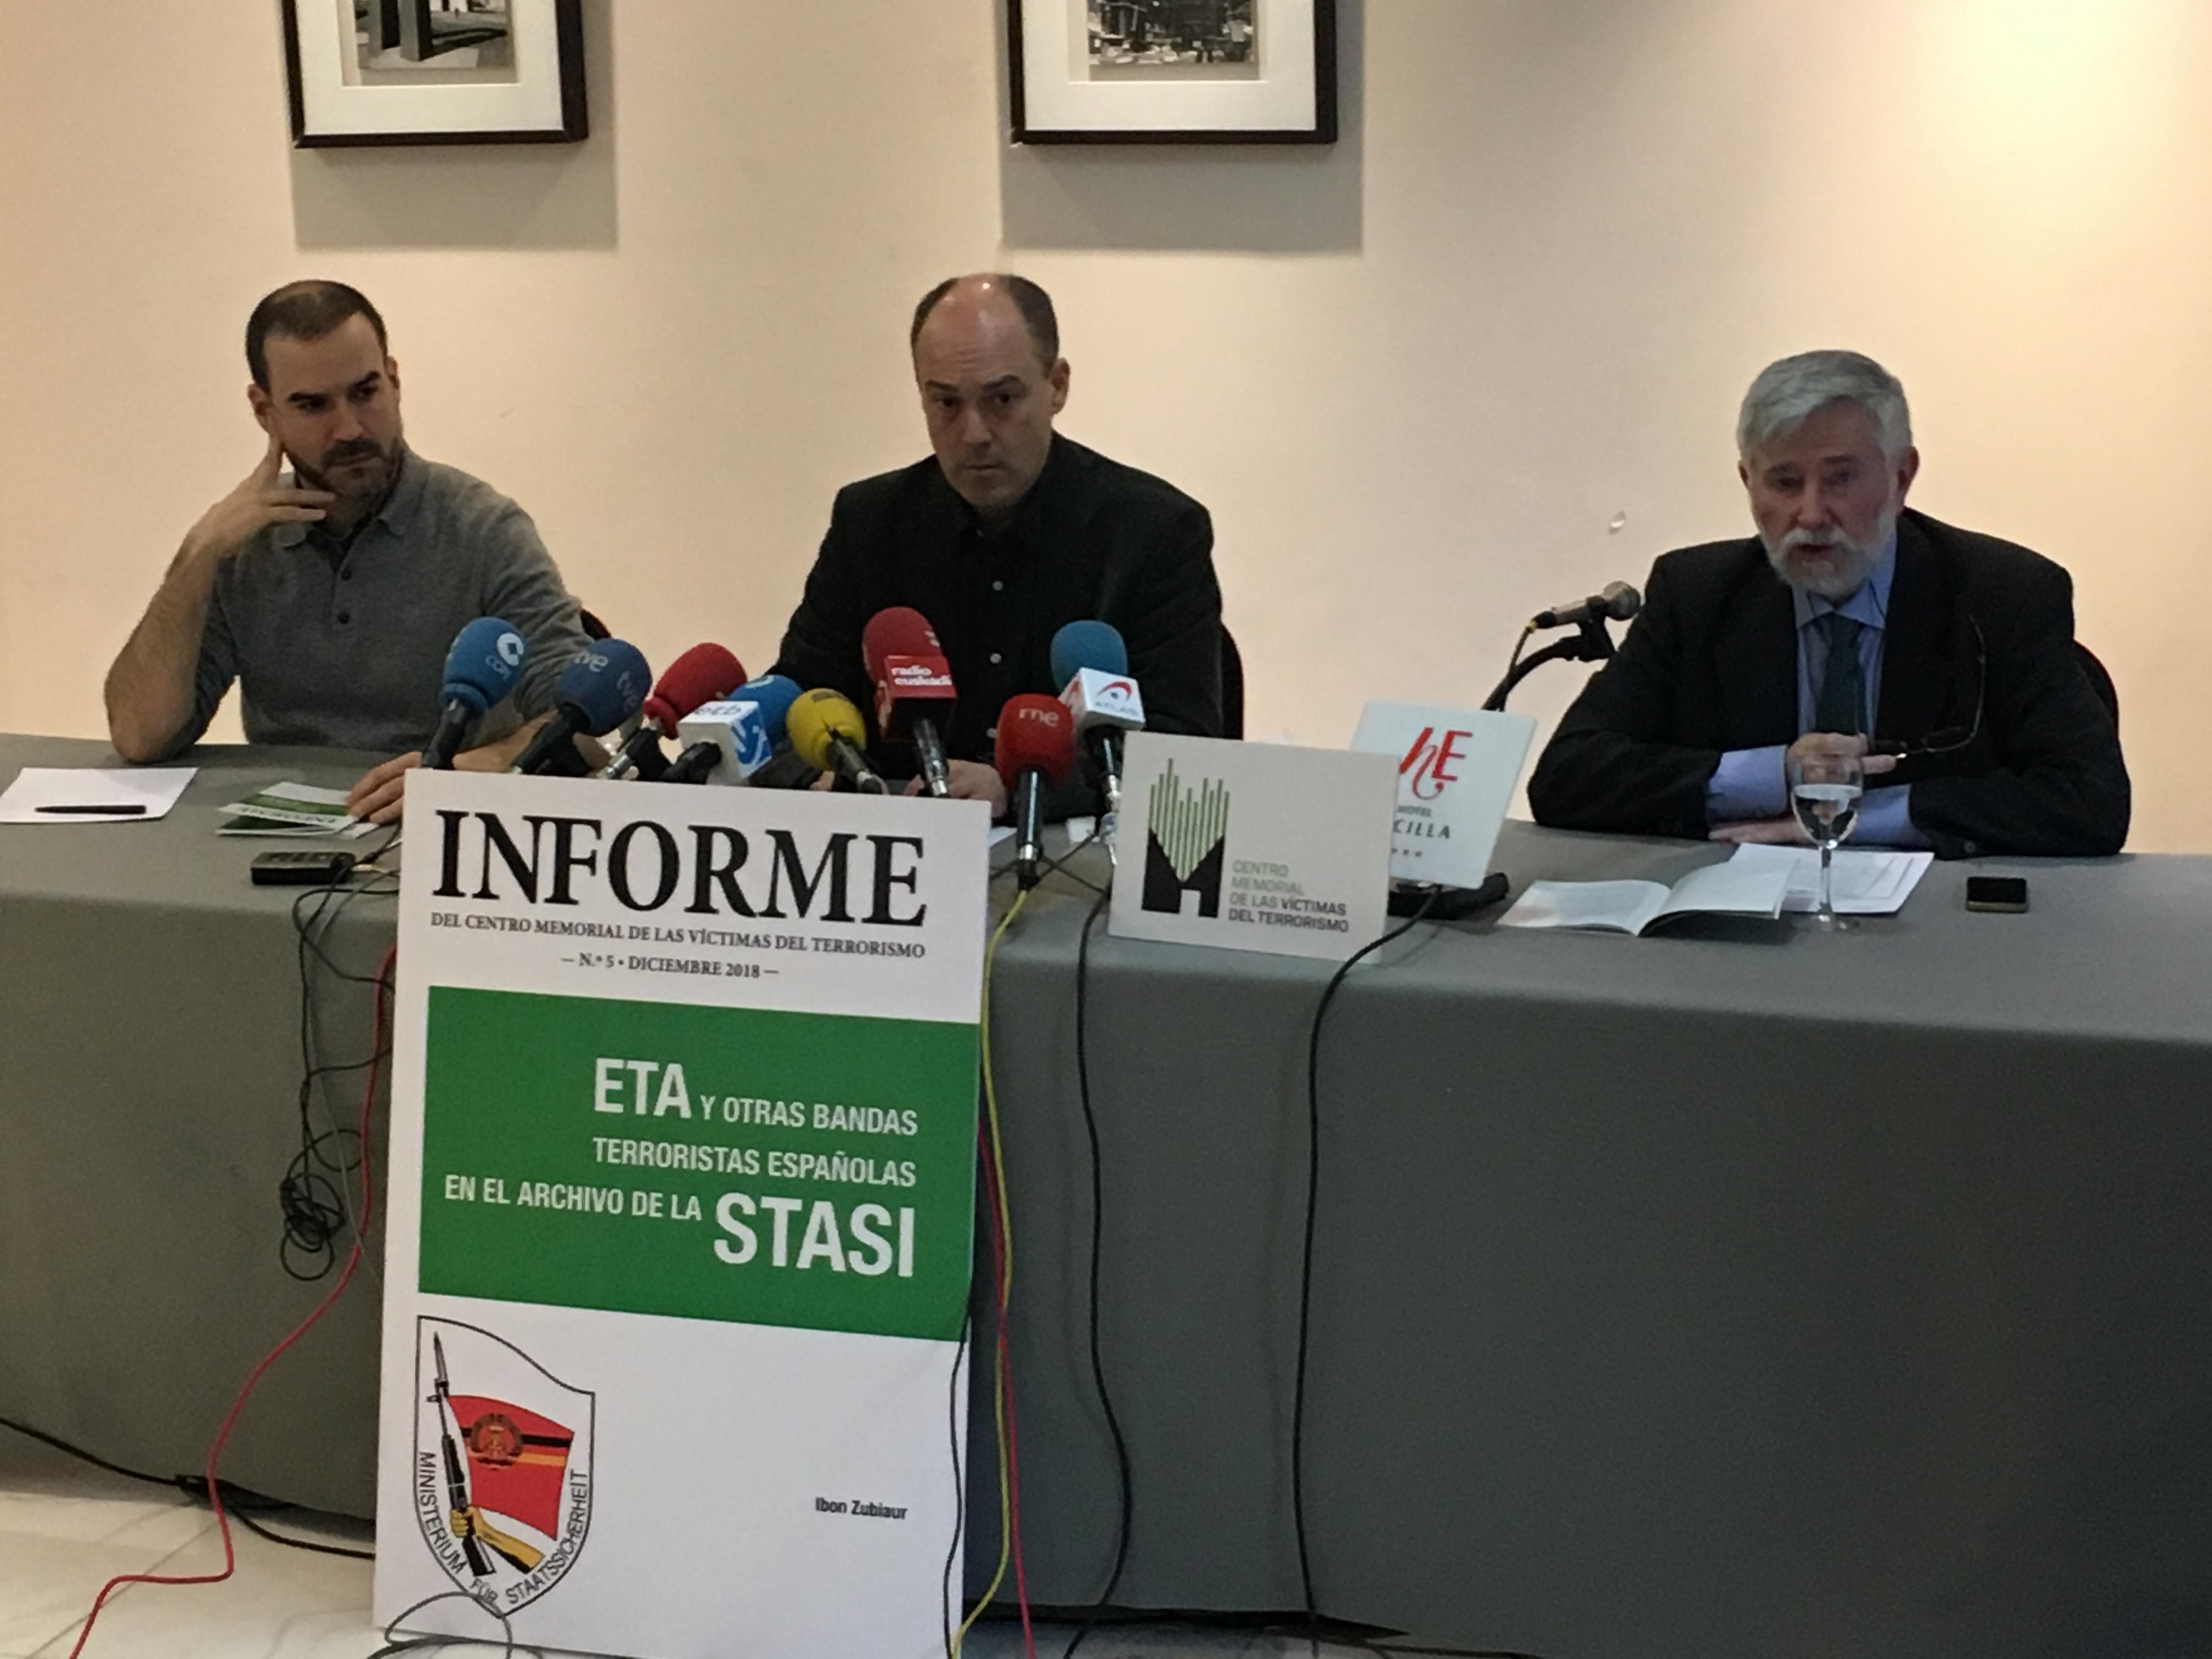 Presentación Del Informe Número 5 Sobre Relaciones Entre Grupos Terroristas Españoles Y La Stasi